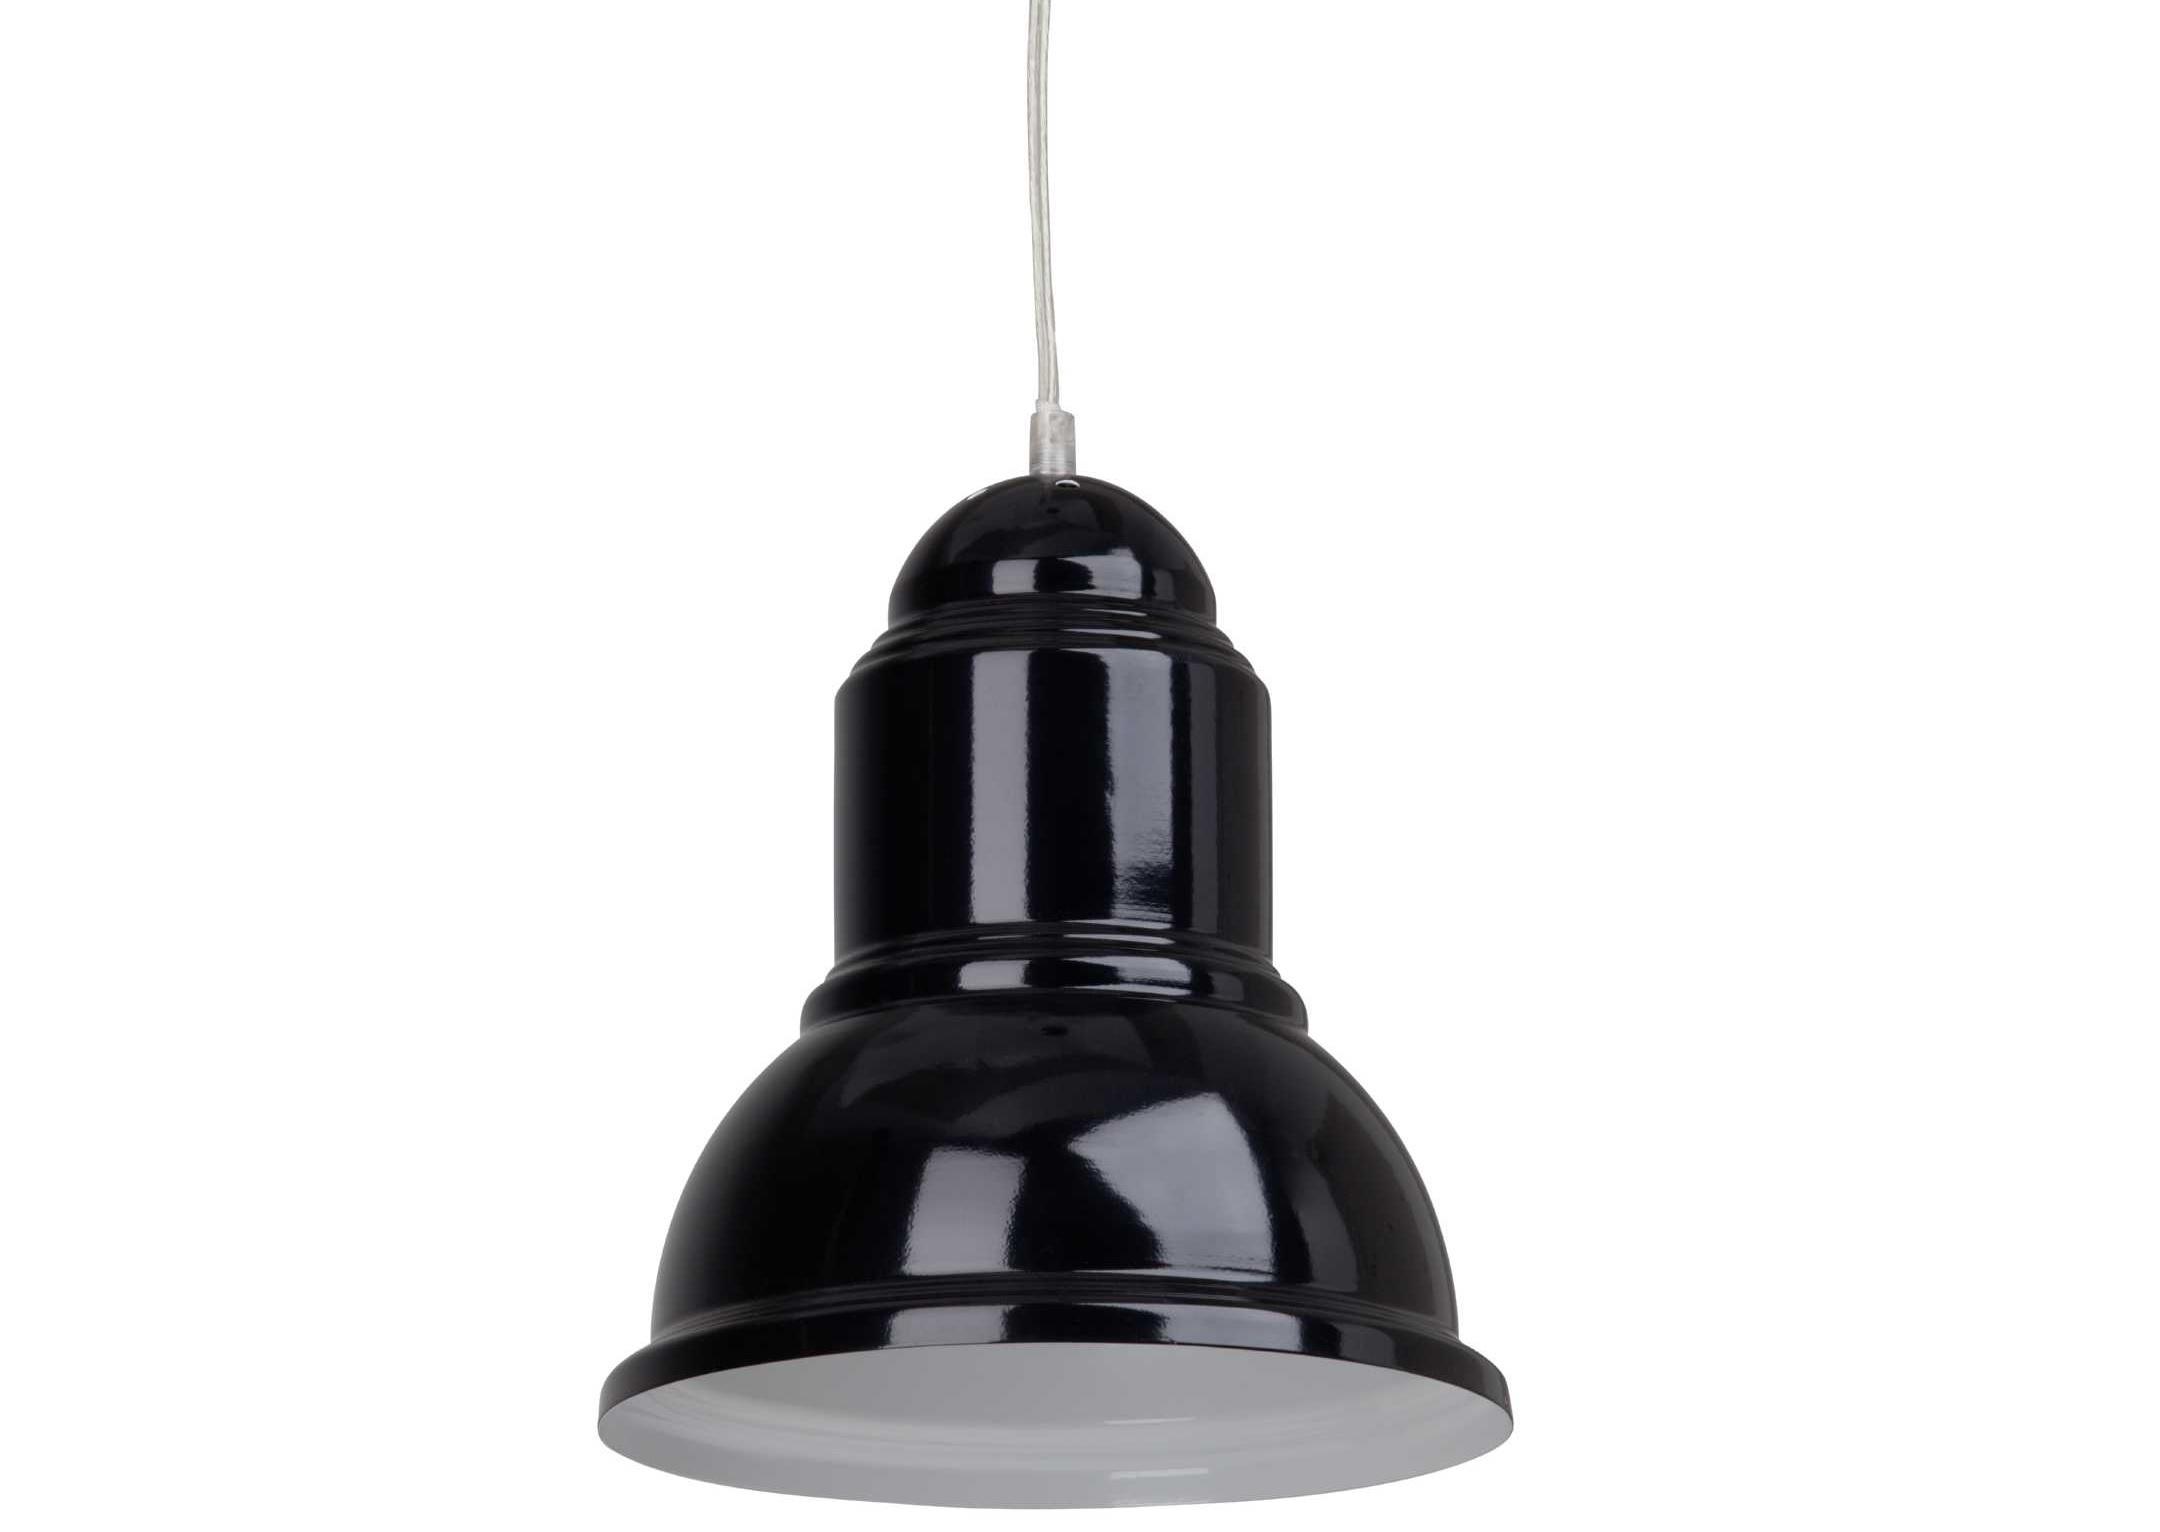 Светильник потолочный с подвесом AlmiraПодвесные светильники<br>&amp;lt;div&amp;gt;&amp;lt;div&amp;gt;Вид цоколя: E27&amp;lt;/div&amp;gt;&amp;lt;div&amp;gt;Мощность лампы: 60W&amp;lt;/div&amp;gt;&amp;lt;div&amp;gt;Количество ламп: 1&amp;lt;/div&amp;gt;&amp;lt;/div&amp;gt;&amp;lt;div&amp;gt;&amp;lt;/div&amp;gt;<br><br>Material: Металл<br>Высота см: 23